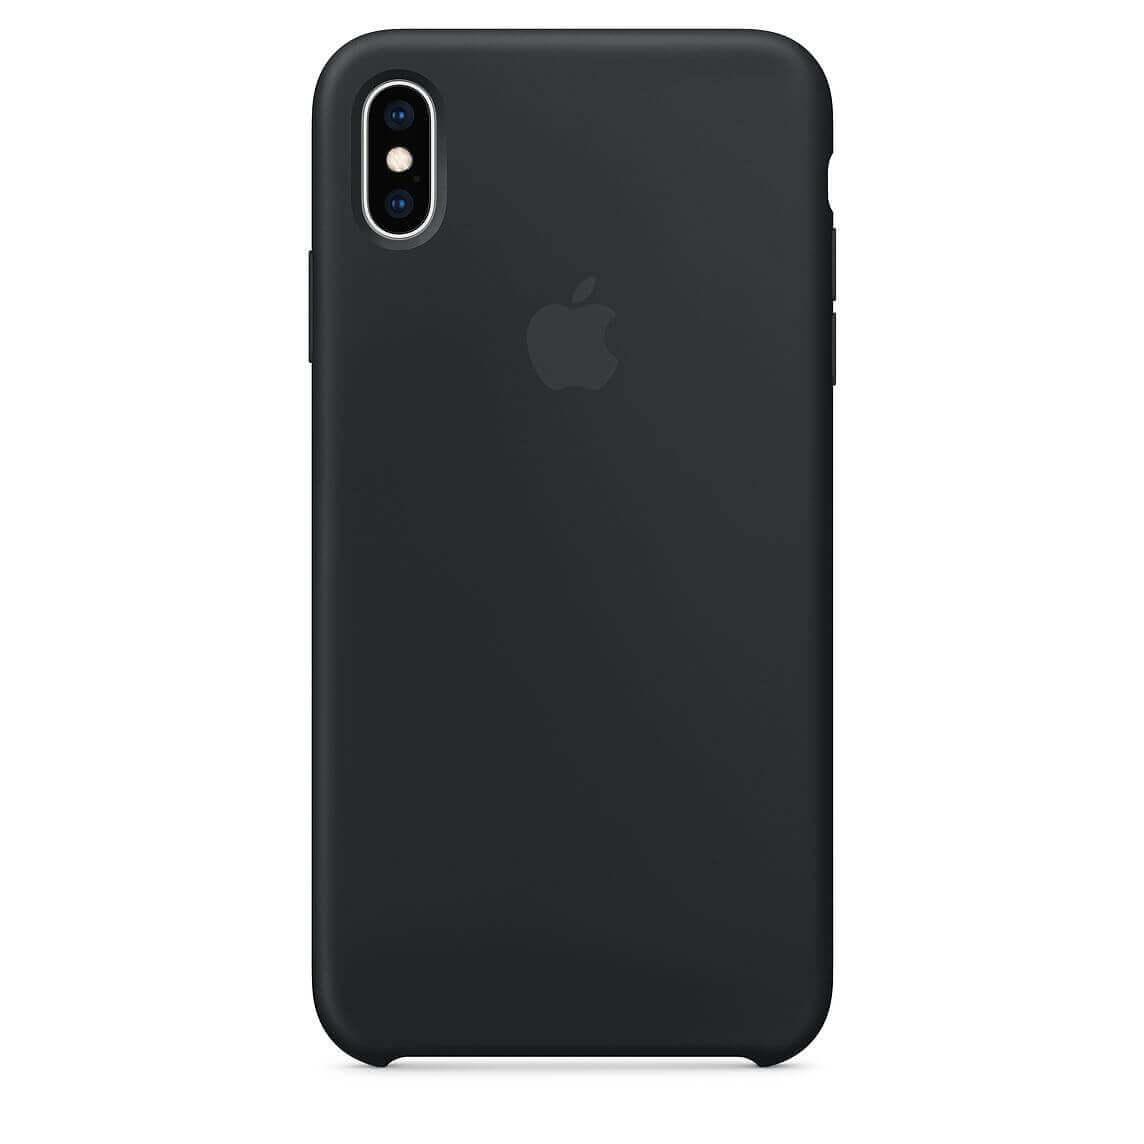 Apple Silicone Case — оригинален силиконов кейс за iPhone XS Max (черен) (bulk) - 1